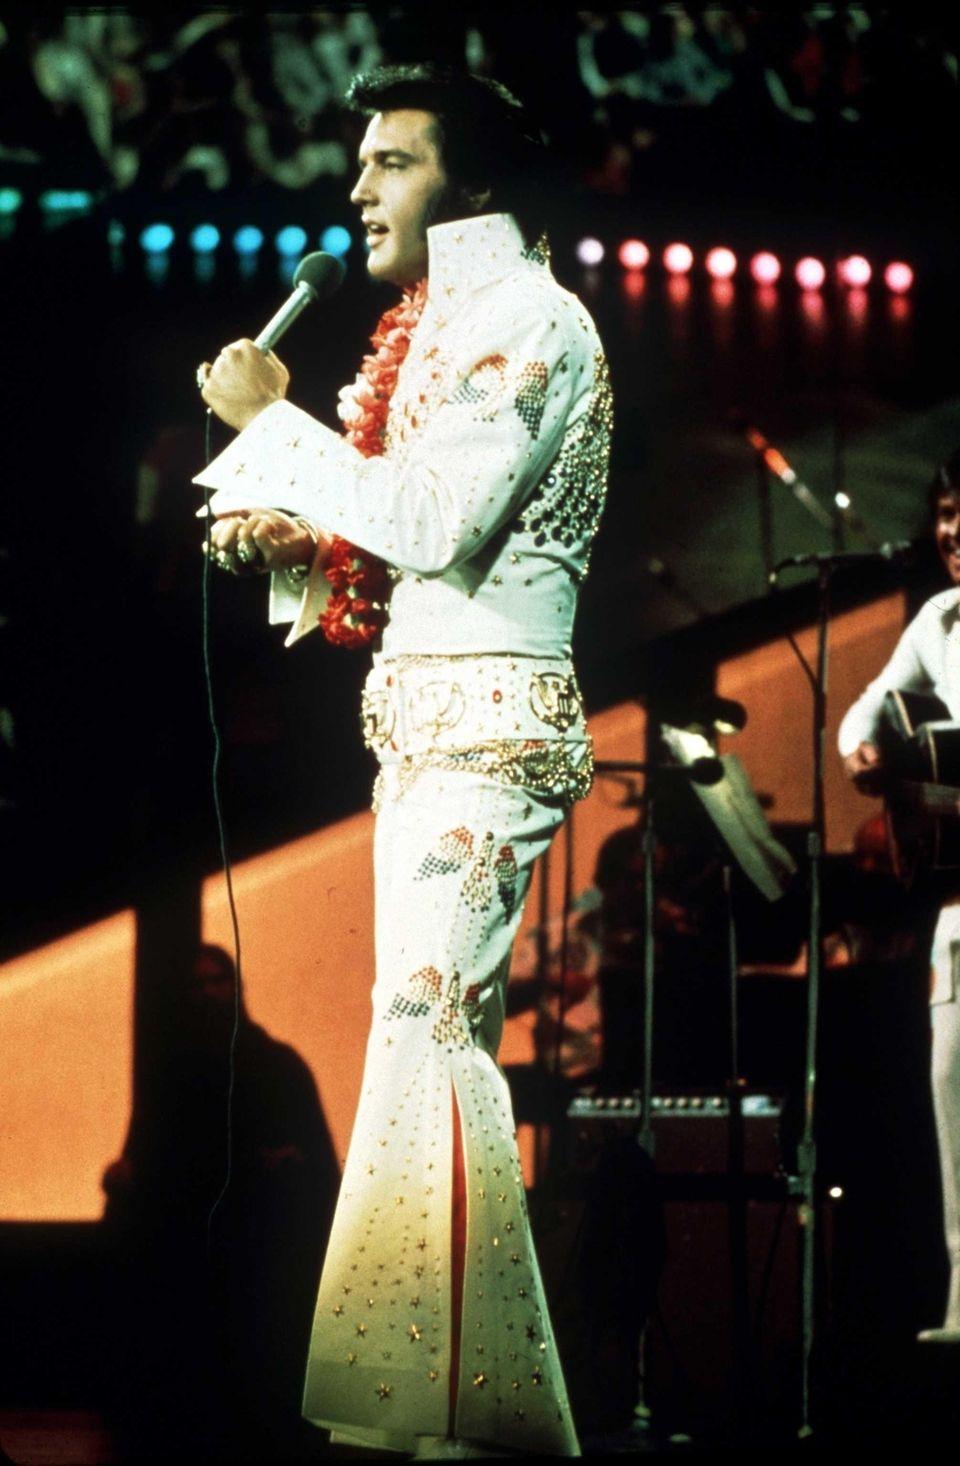 Elvis Presley in 1970.